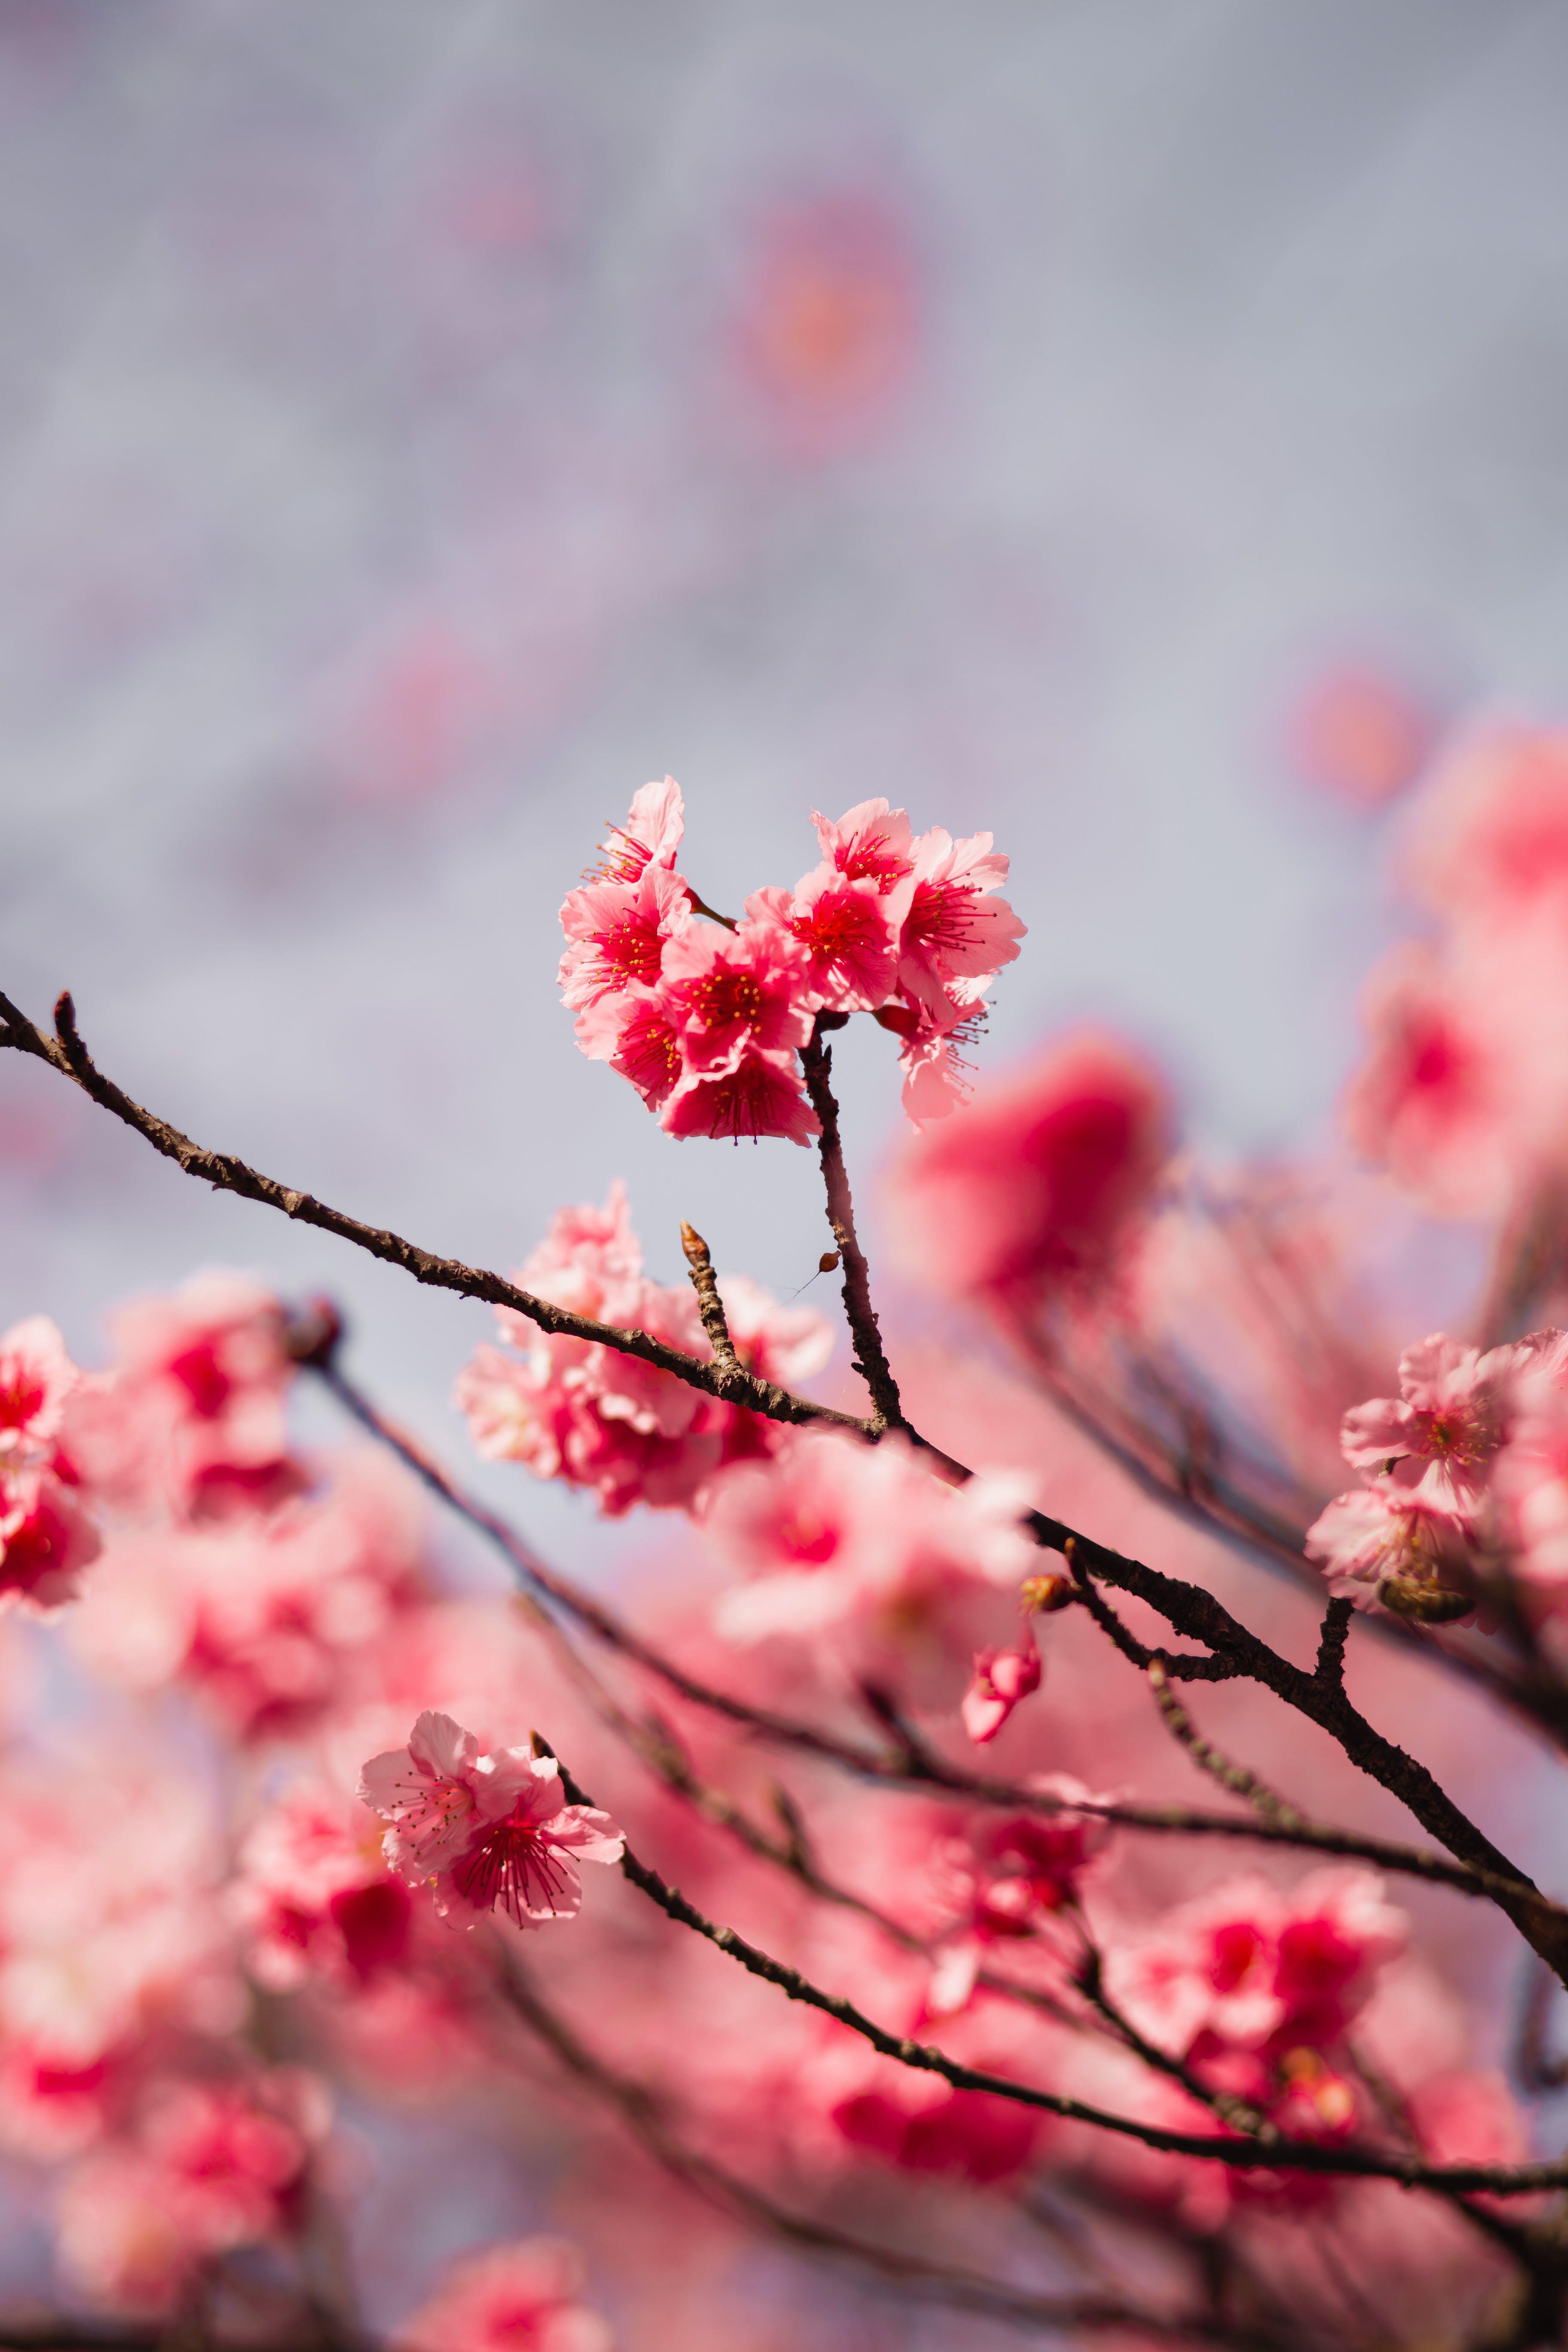 Gratis lagerfoto af blomster, flora, gren, kronblade